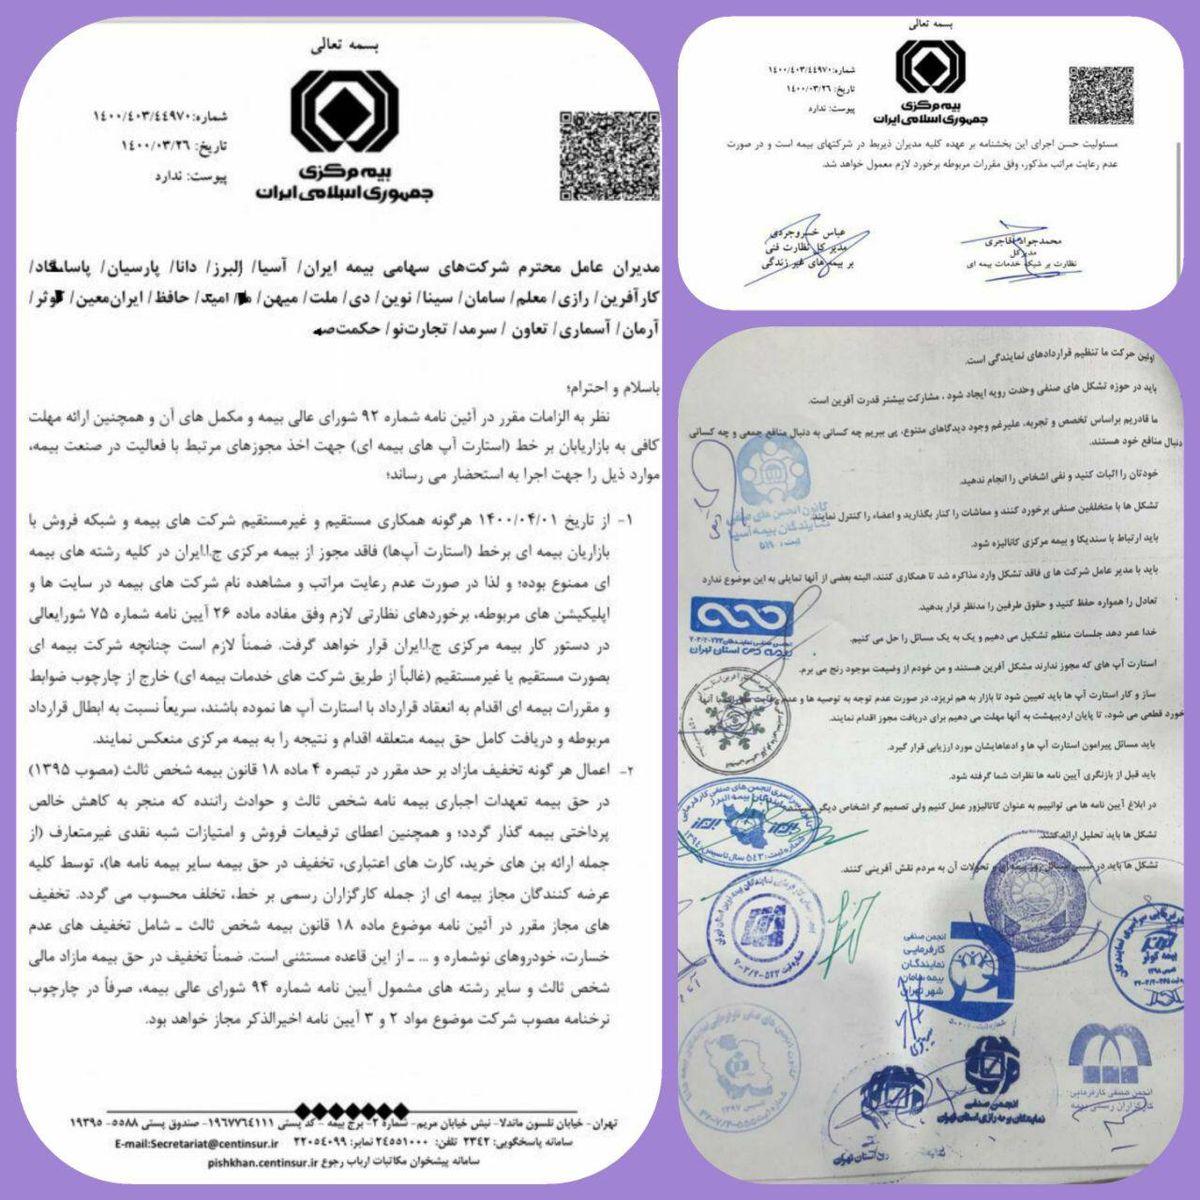 بخشنامه ممنوعیت هرگونه همکاری با شرکتهای استارتاپی ابلاغ گردید